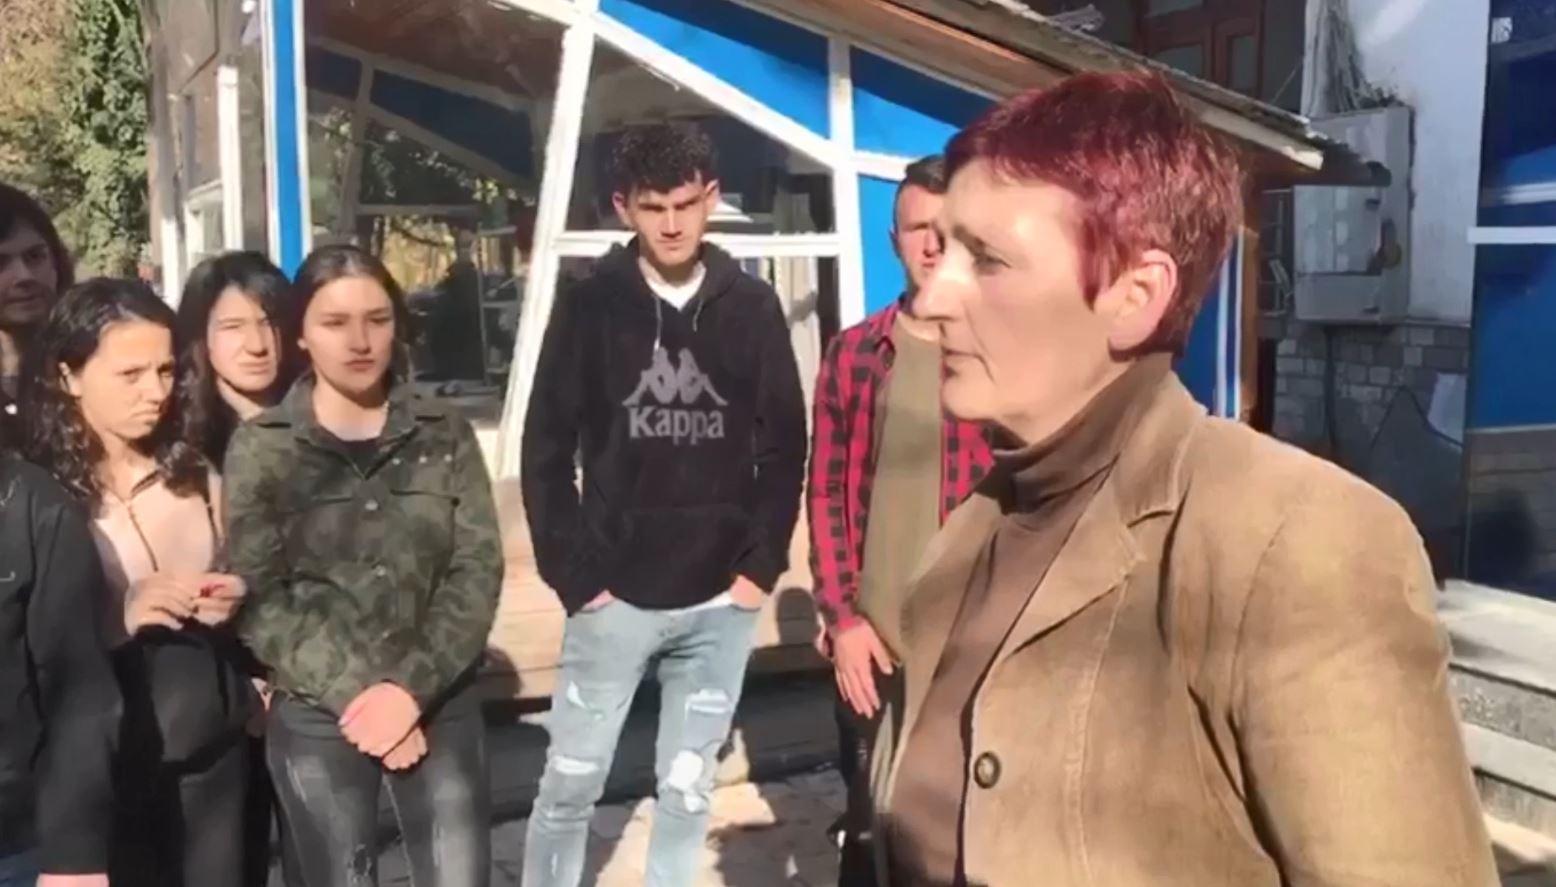 Maturantët në Peshkopi bojkotojnë mësimin, shkak largimi i mësueses